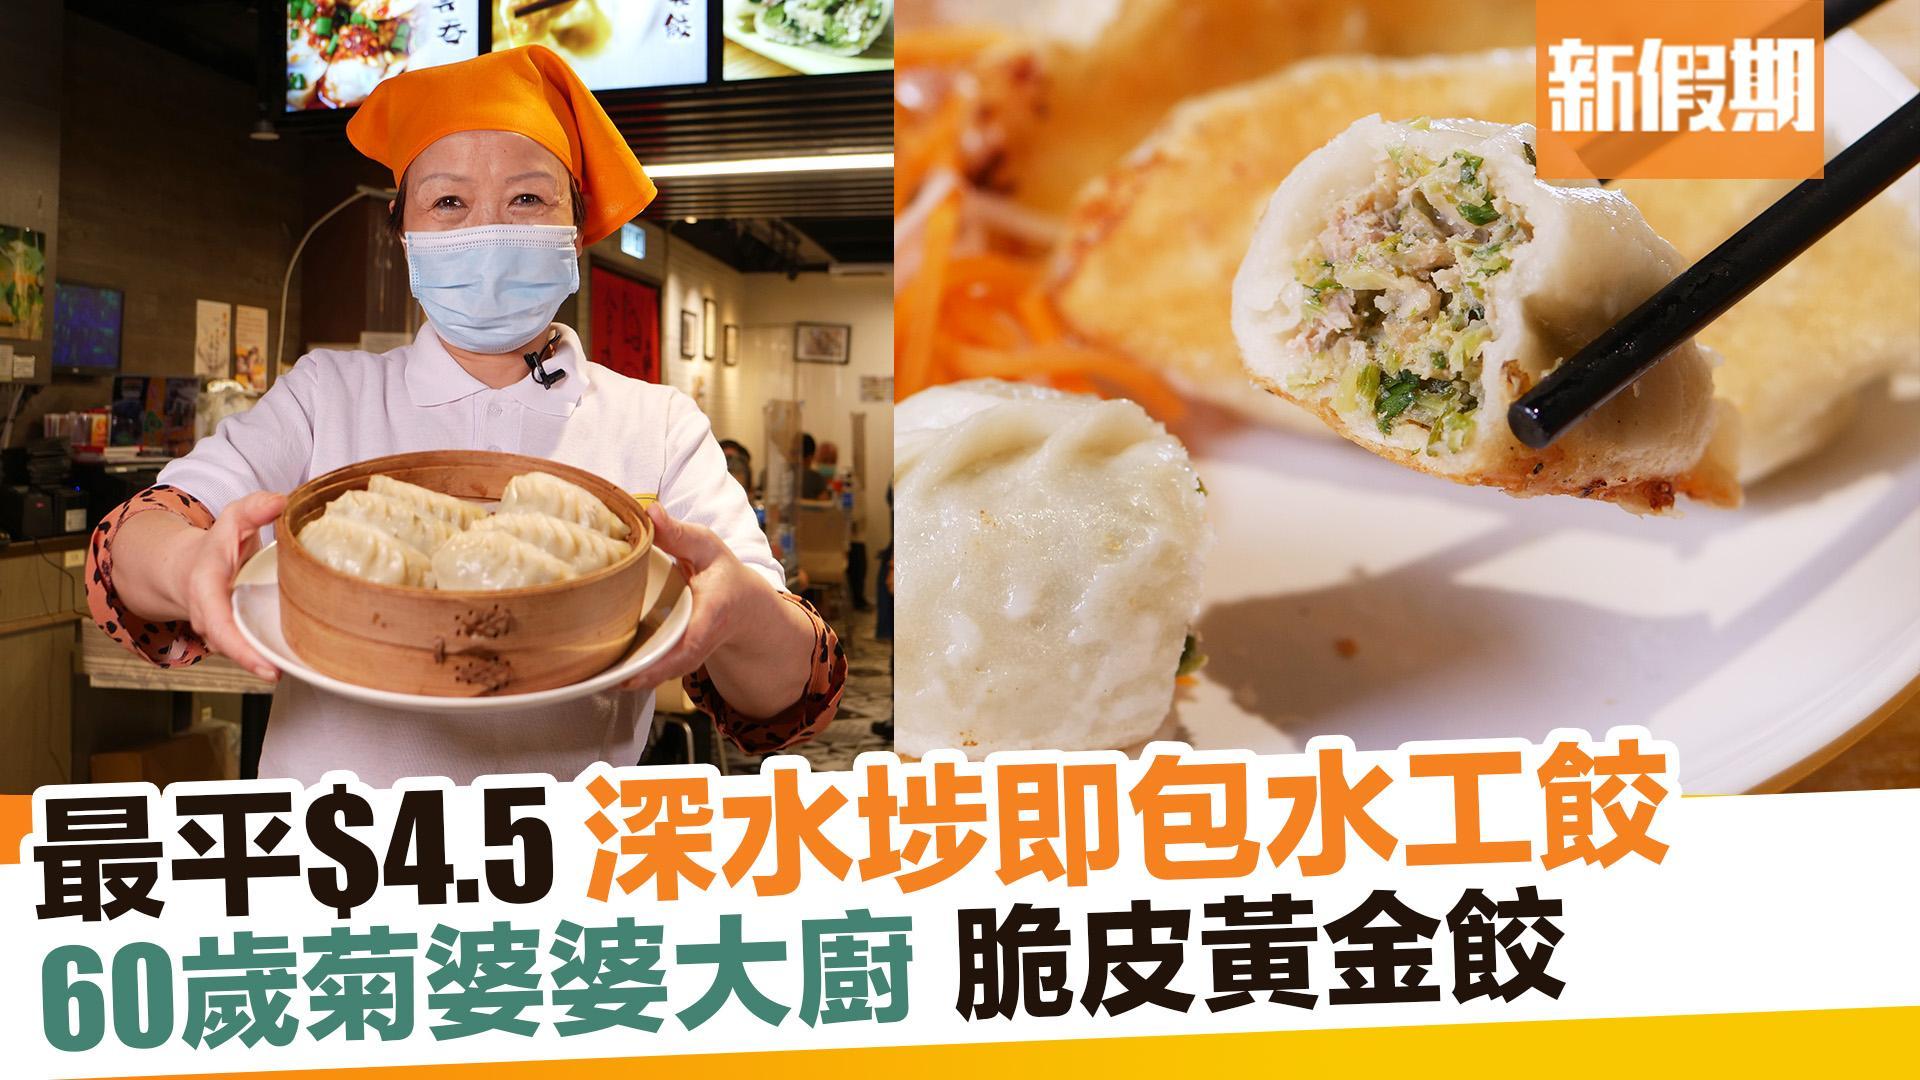 【區區搵食】銀杏館深水埗社企新店 3位銀齡婆婆做大廚 最平$4.5/隻巨型餃子|新假期